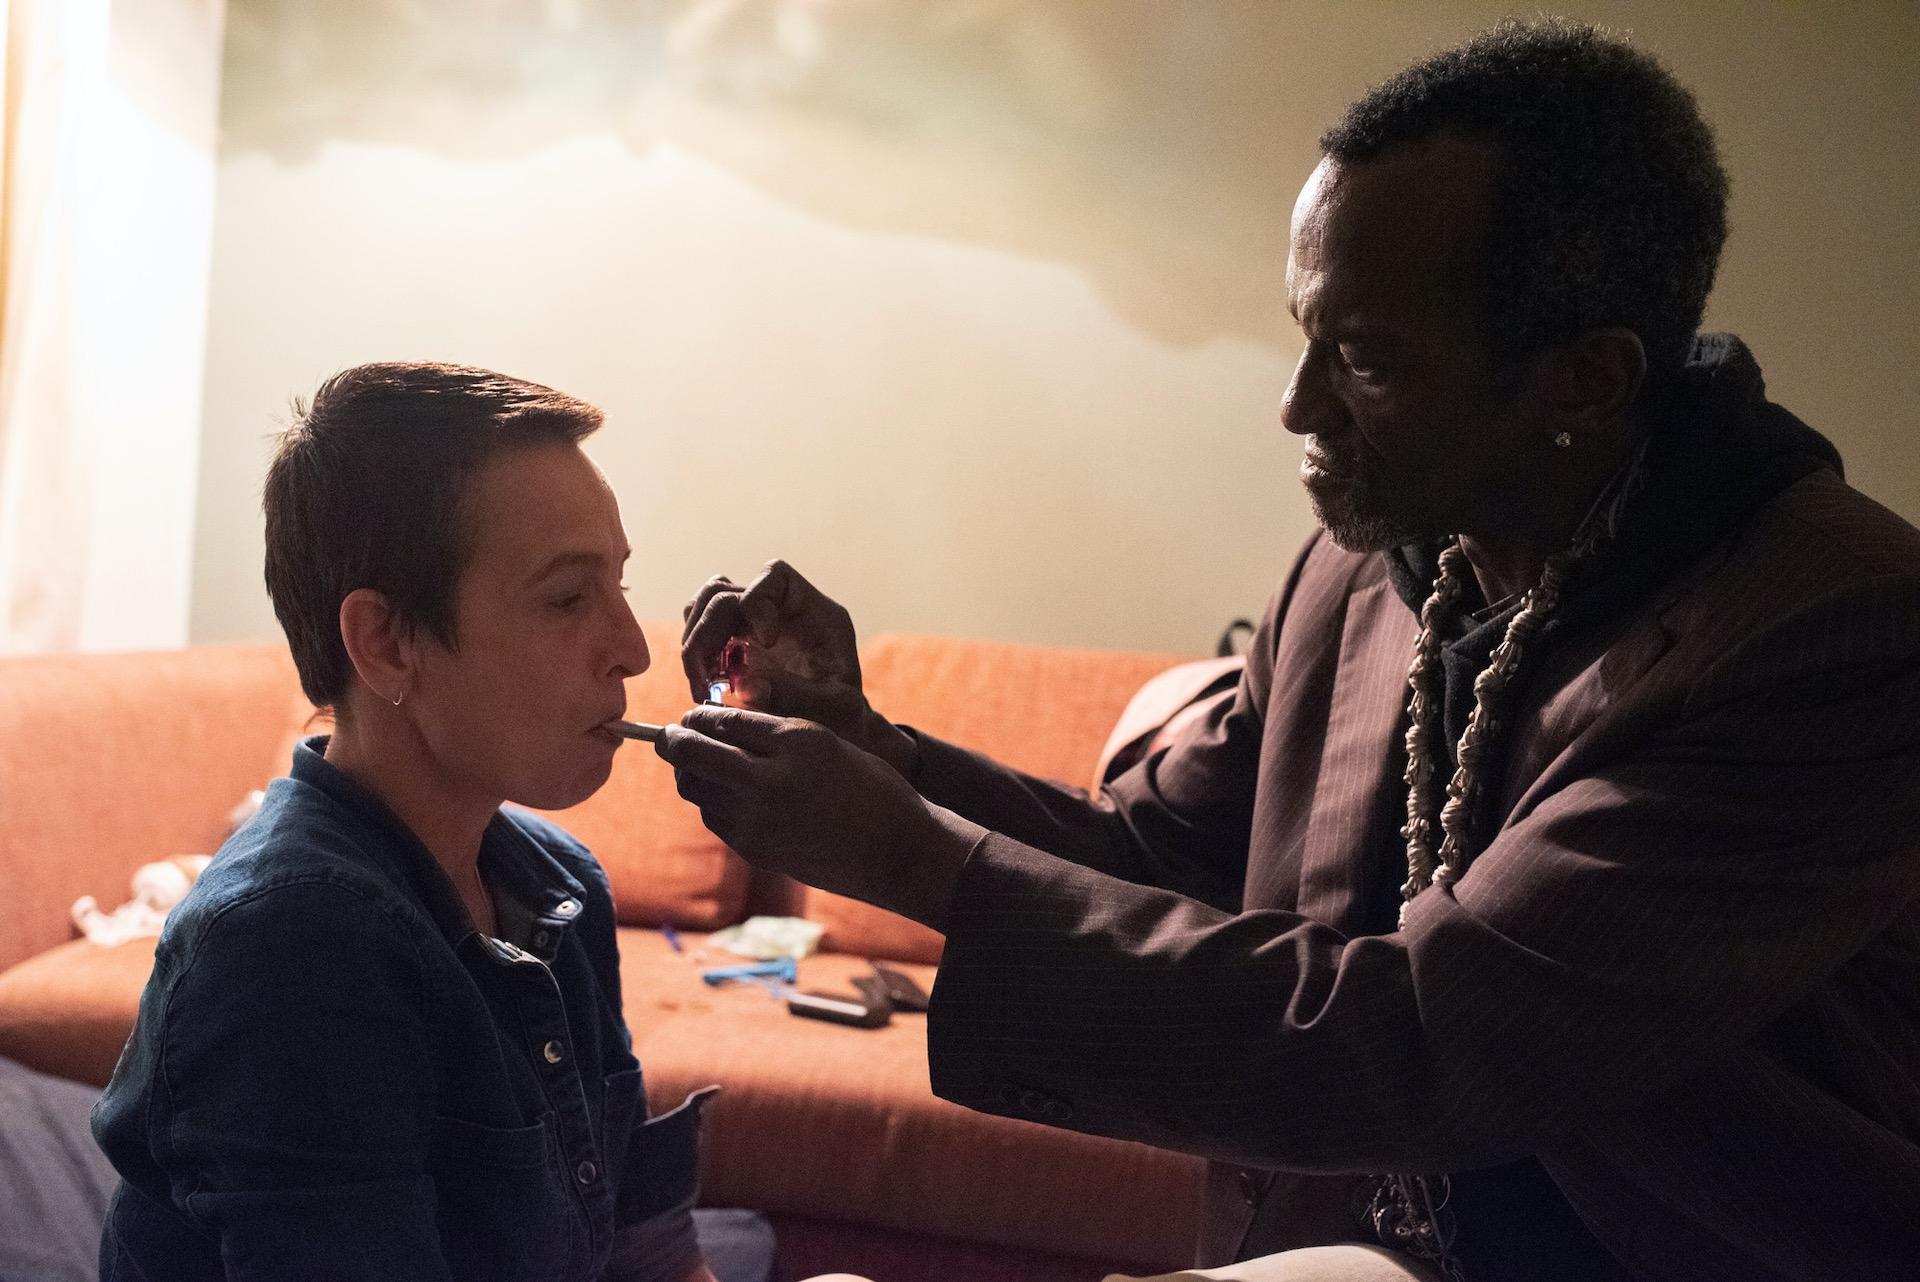 Hilmano geeft Iris drugs